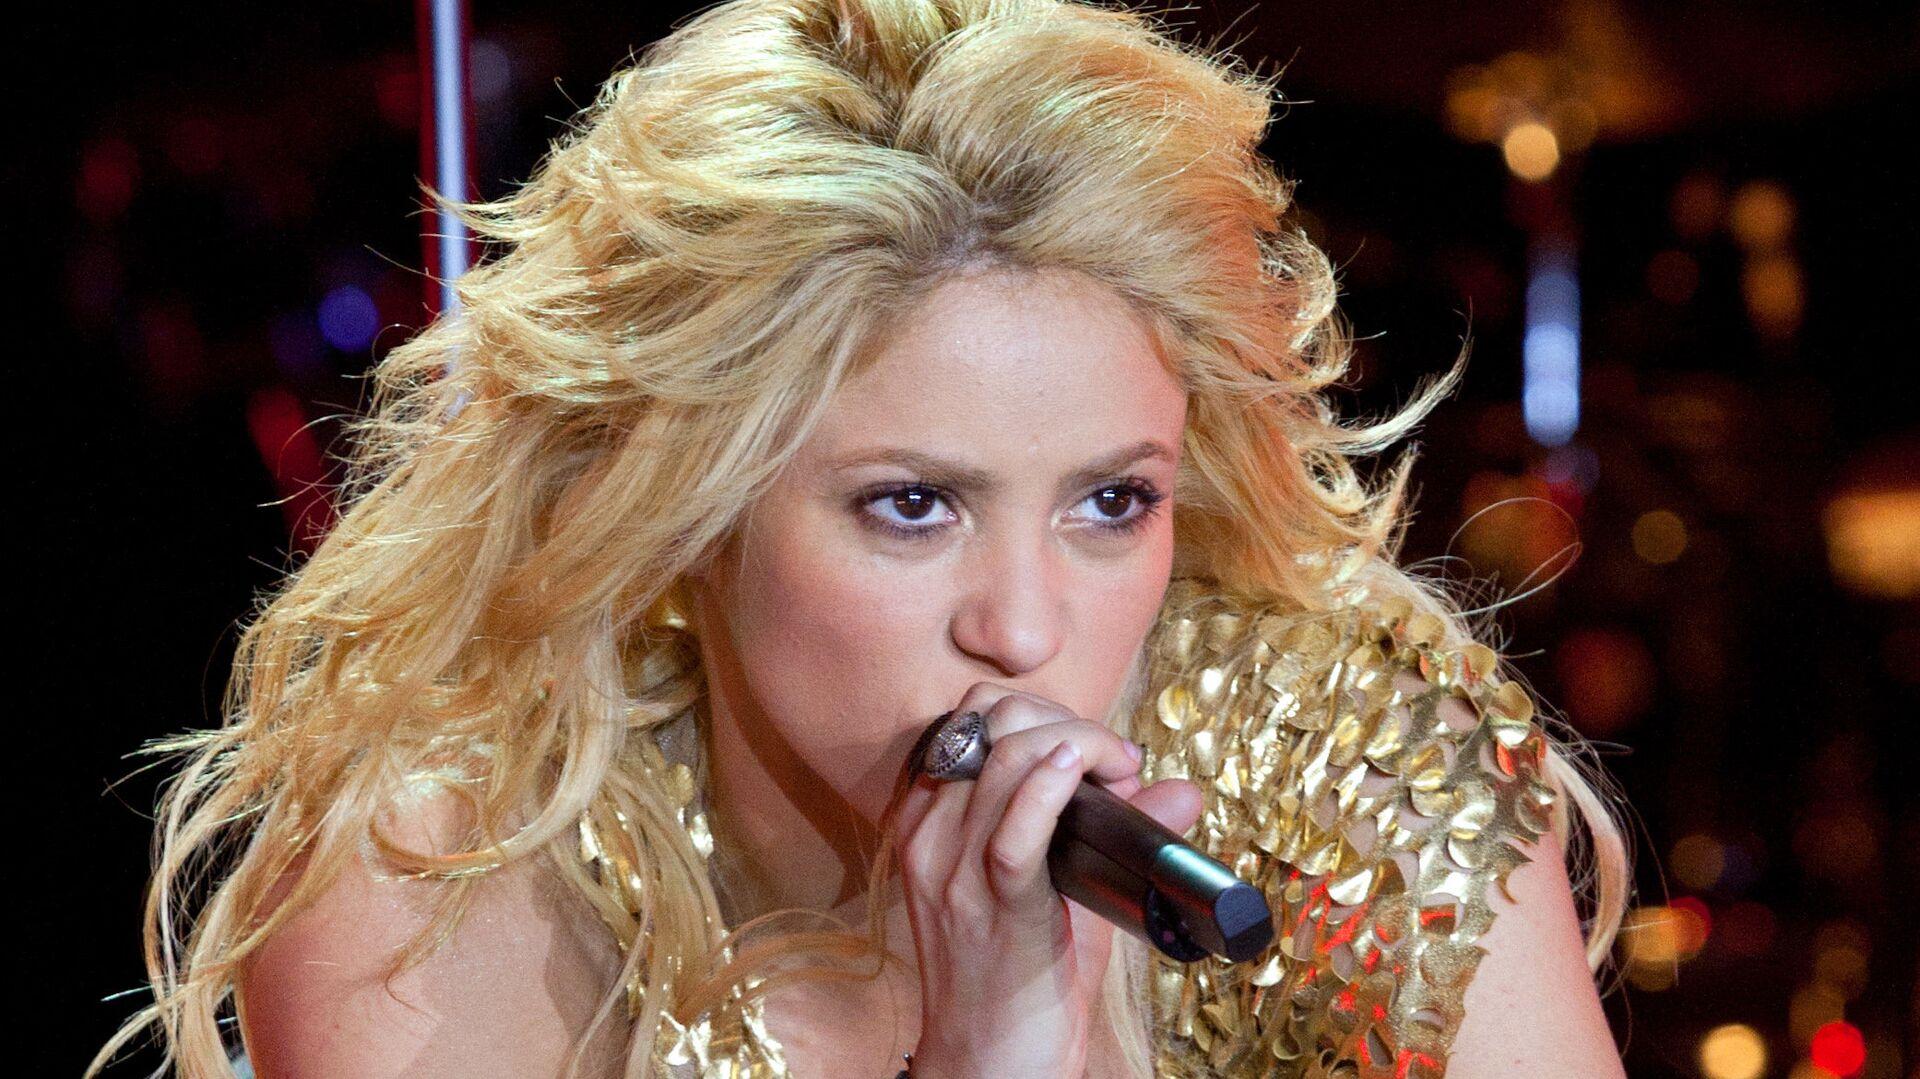 La cantante colombiana Shakira da un concierto en el complejo deportivo Olympiysky de Moscú - Sputnik Mundo, 1920, 04.05.2021